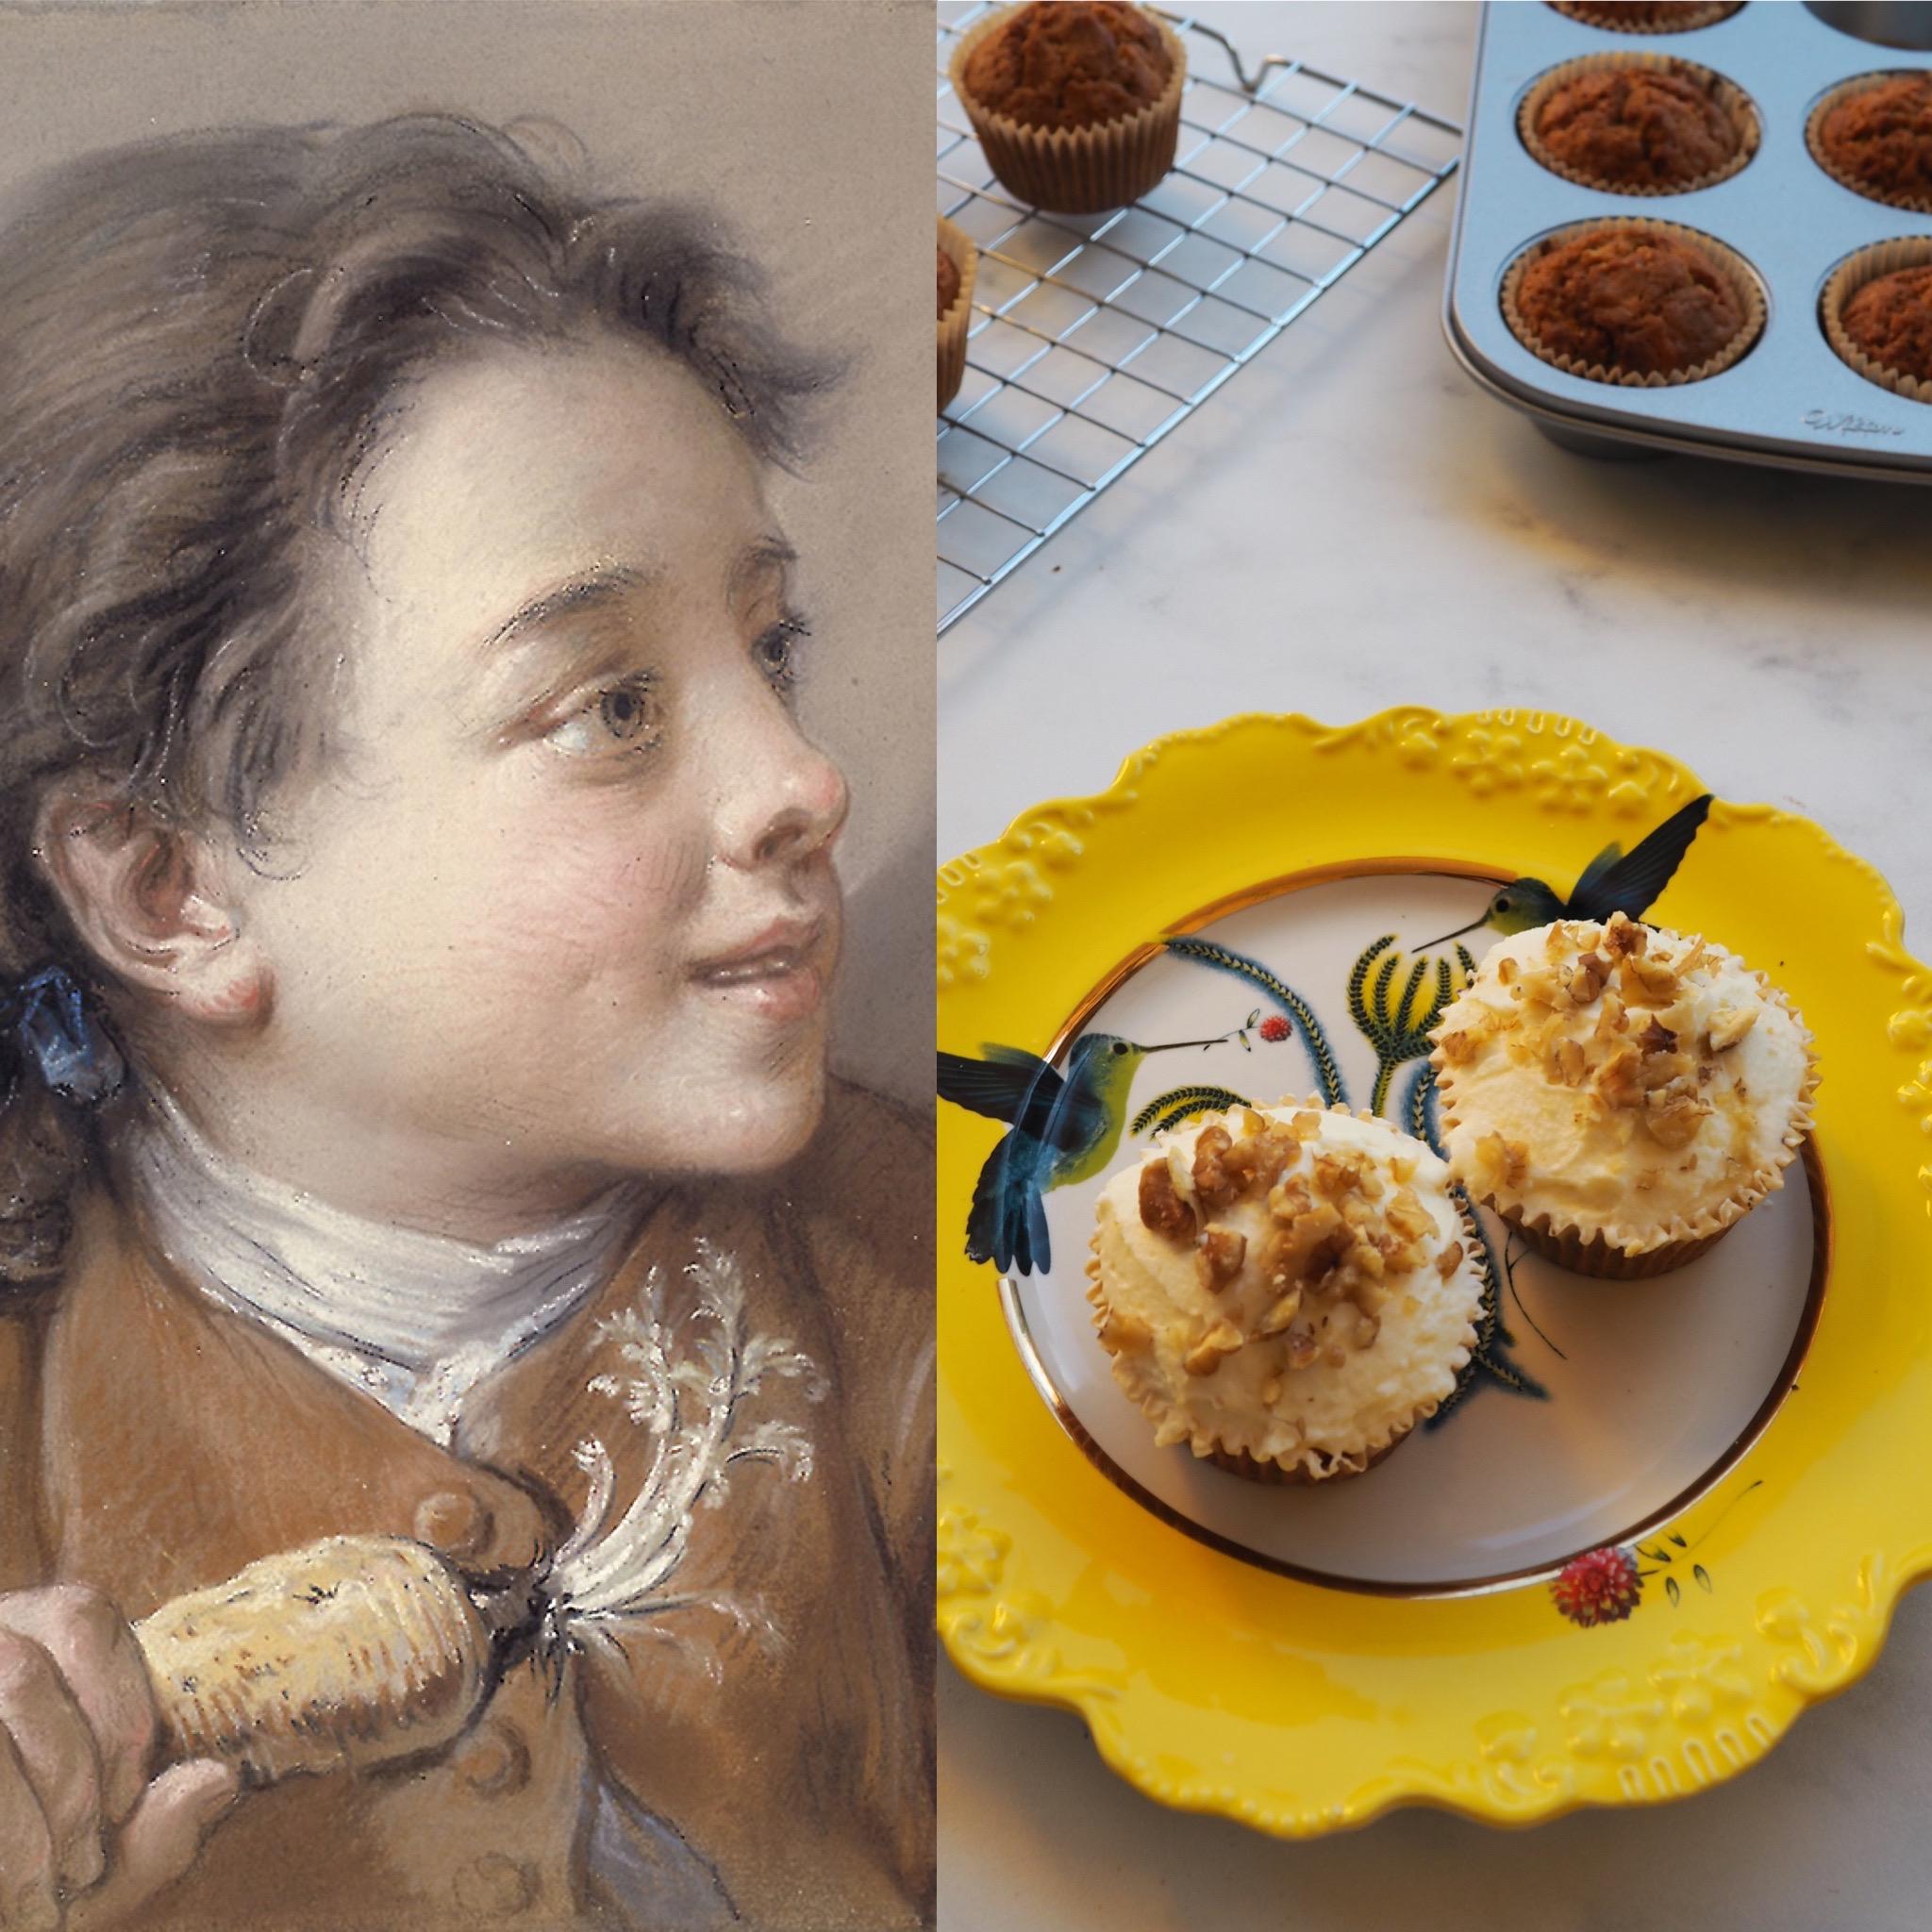 François Boucher y los cupcakes de zanahoria